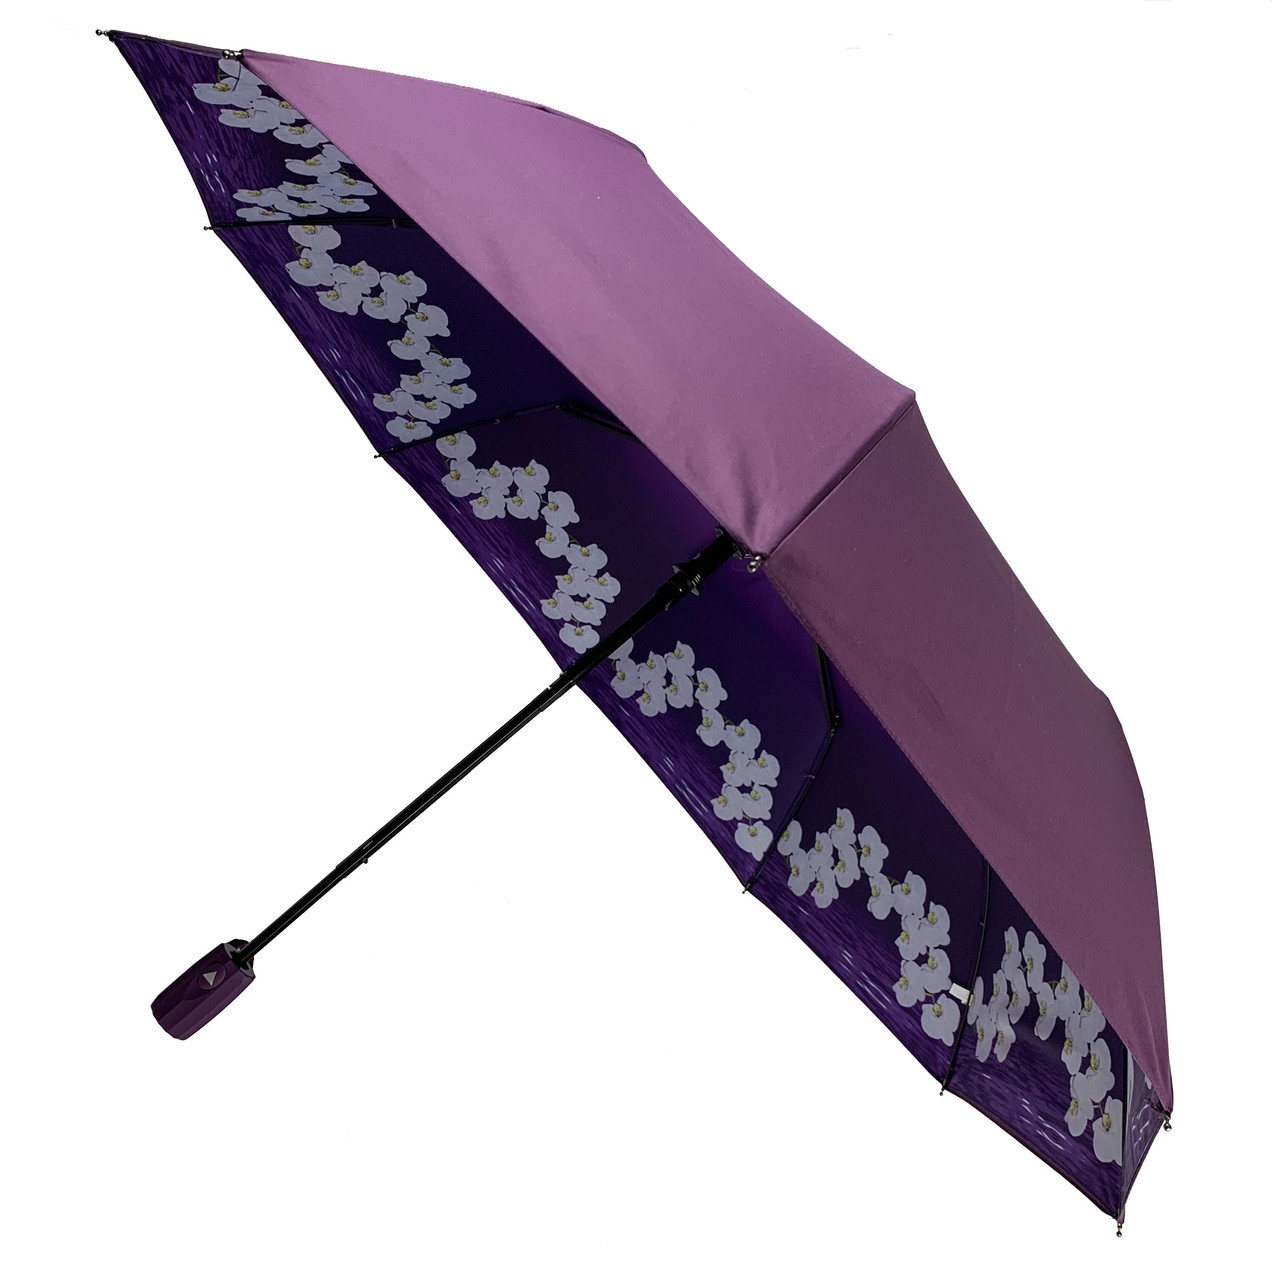 Жіночий складаний парасолька-напівавтомат Flagman з подвійною тканиною з принтом орхідей Фіолетовий (516-3)